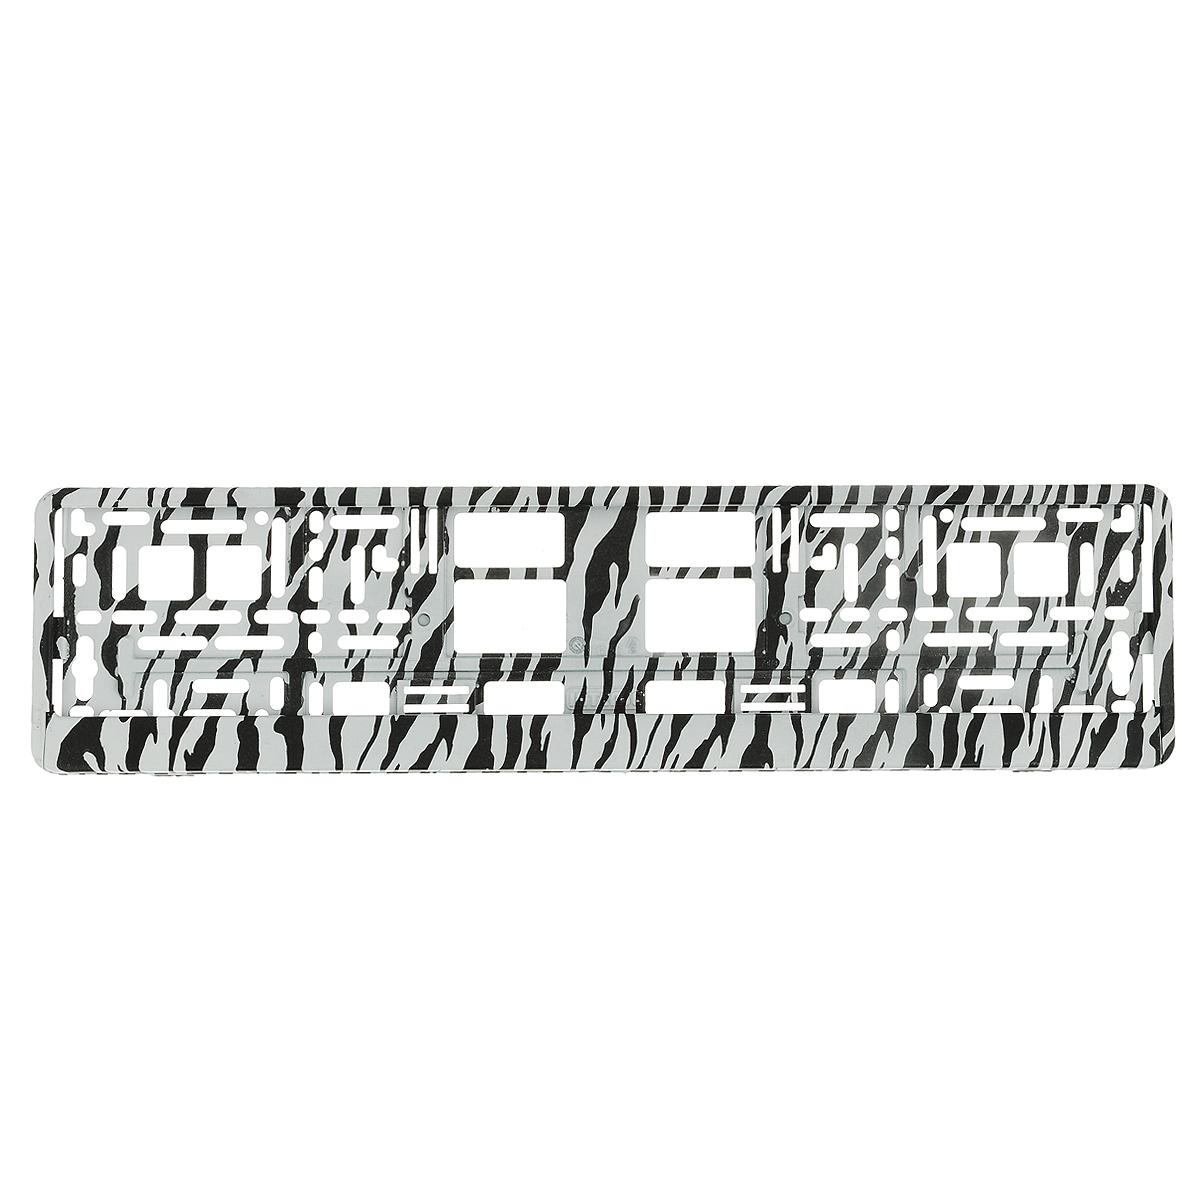 Рамка под номер ЗебраЗ0000014145Рамка Зебра не только закрепит регистрационный знак на вашем автомобиле, но и красиво его оформит. Основание рамки выполнено из полипропилена, материал лицевой панели - пластик. Она предназначена для крепления регистрационного знака российского и европейского образца, декорирована принтом. Устанавливается на все типы автомобилей. Крепления в комплект не входят. Стильный дизайн идеально впишется в экстерьер вашего автомобиля. Размер рамки: 53,5 см х 13,5 см. Размер регистрационного знака: 52,5 см х 11,5 см.